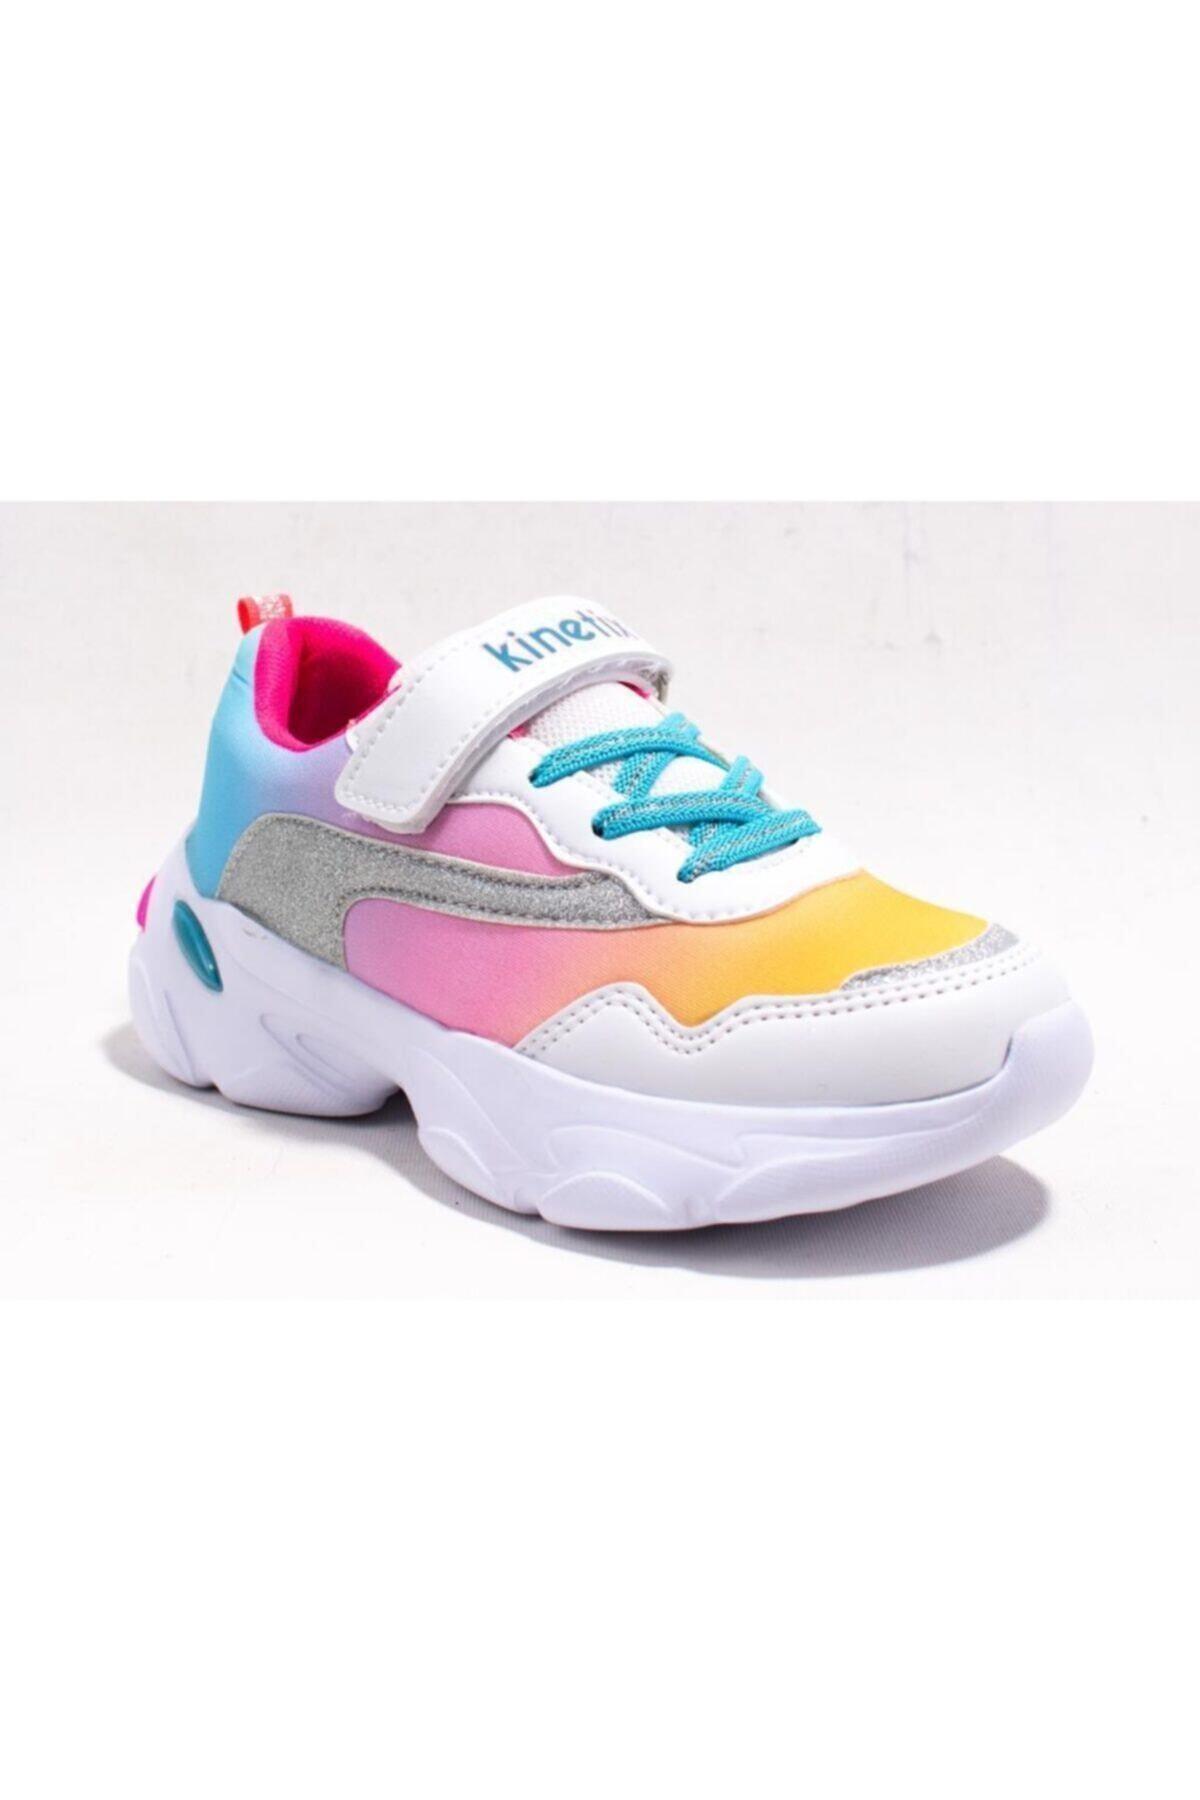 خرید ارزان کفش اسپرت بچه گانه دخترانه  برند کینتیکس kinetix کد ty95479992